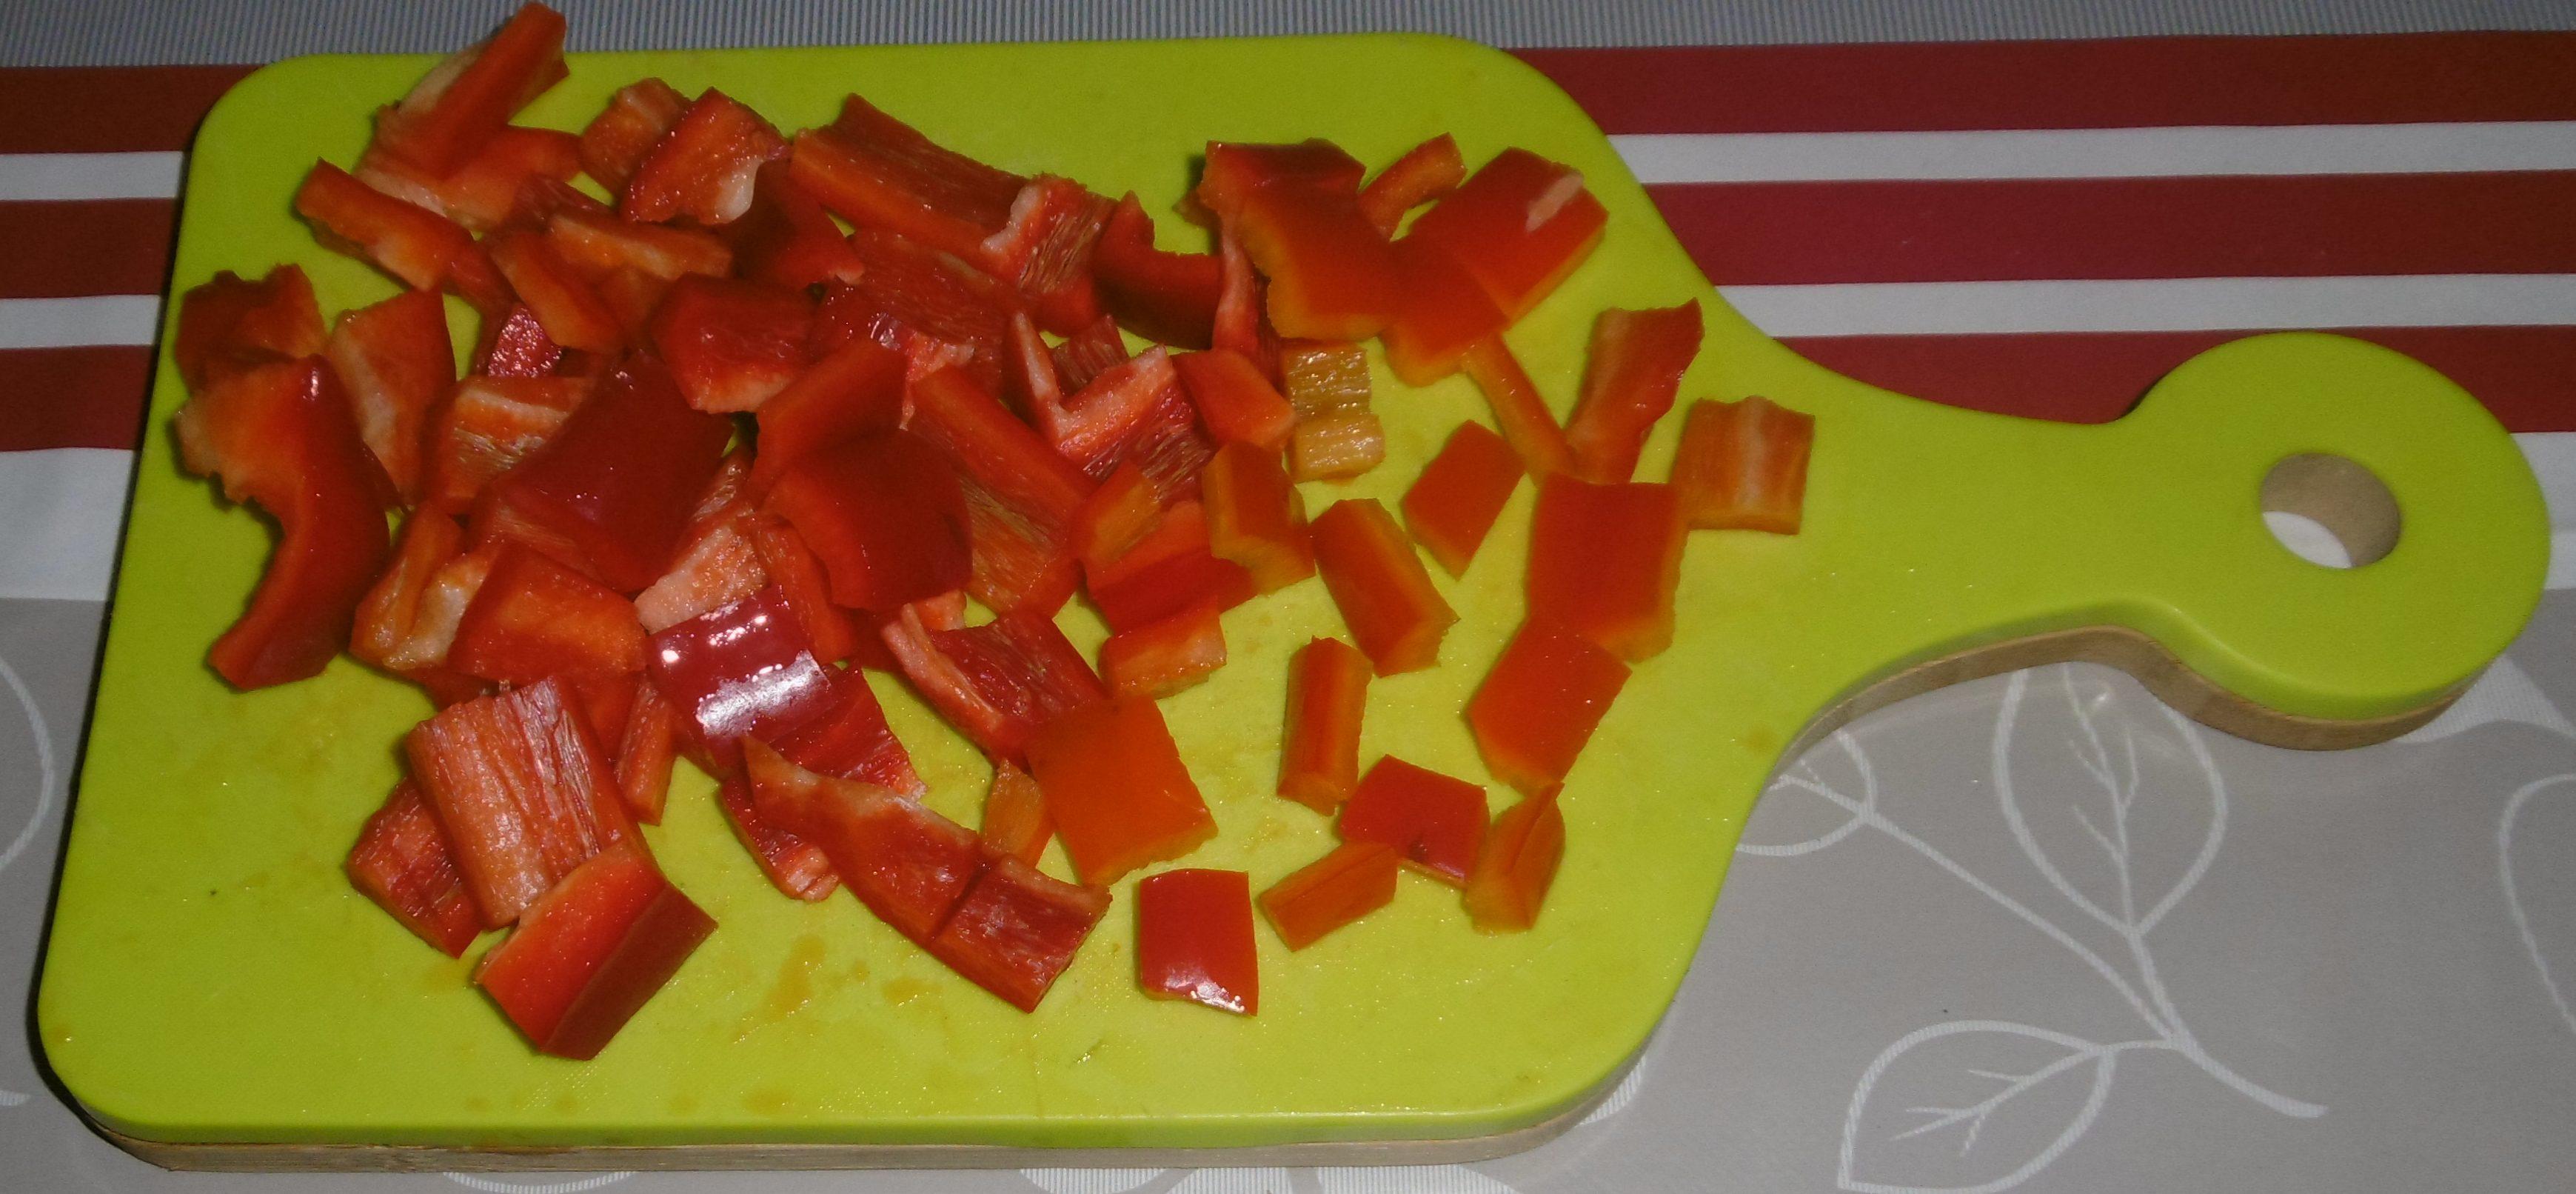 Straccetti di pollo con peperoni - Peperoni tagliati